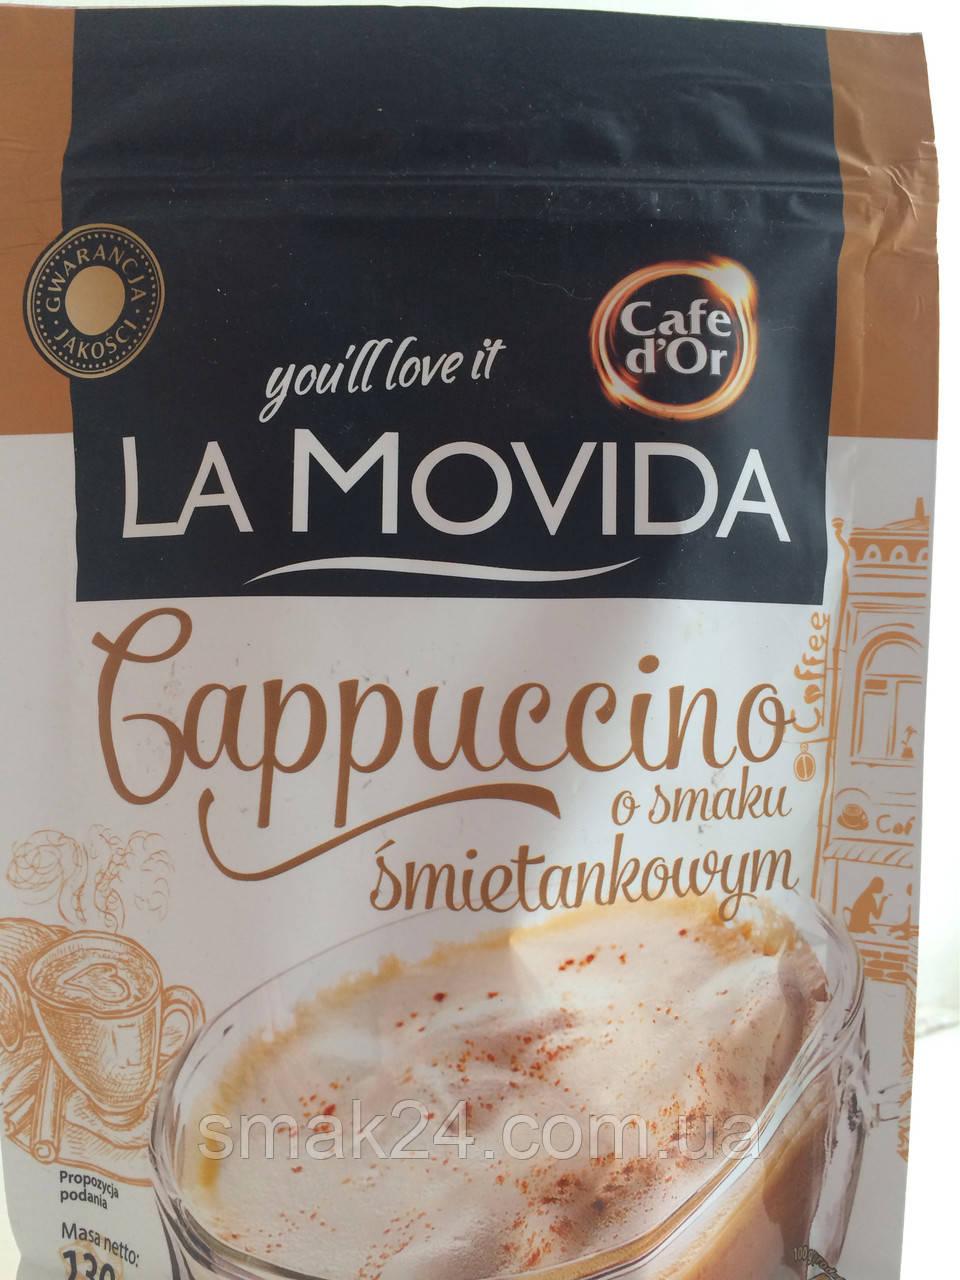 Капучино La Movida Cafe dOr со сметанковым вкусом Польша 130г